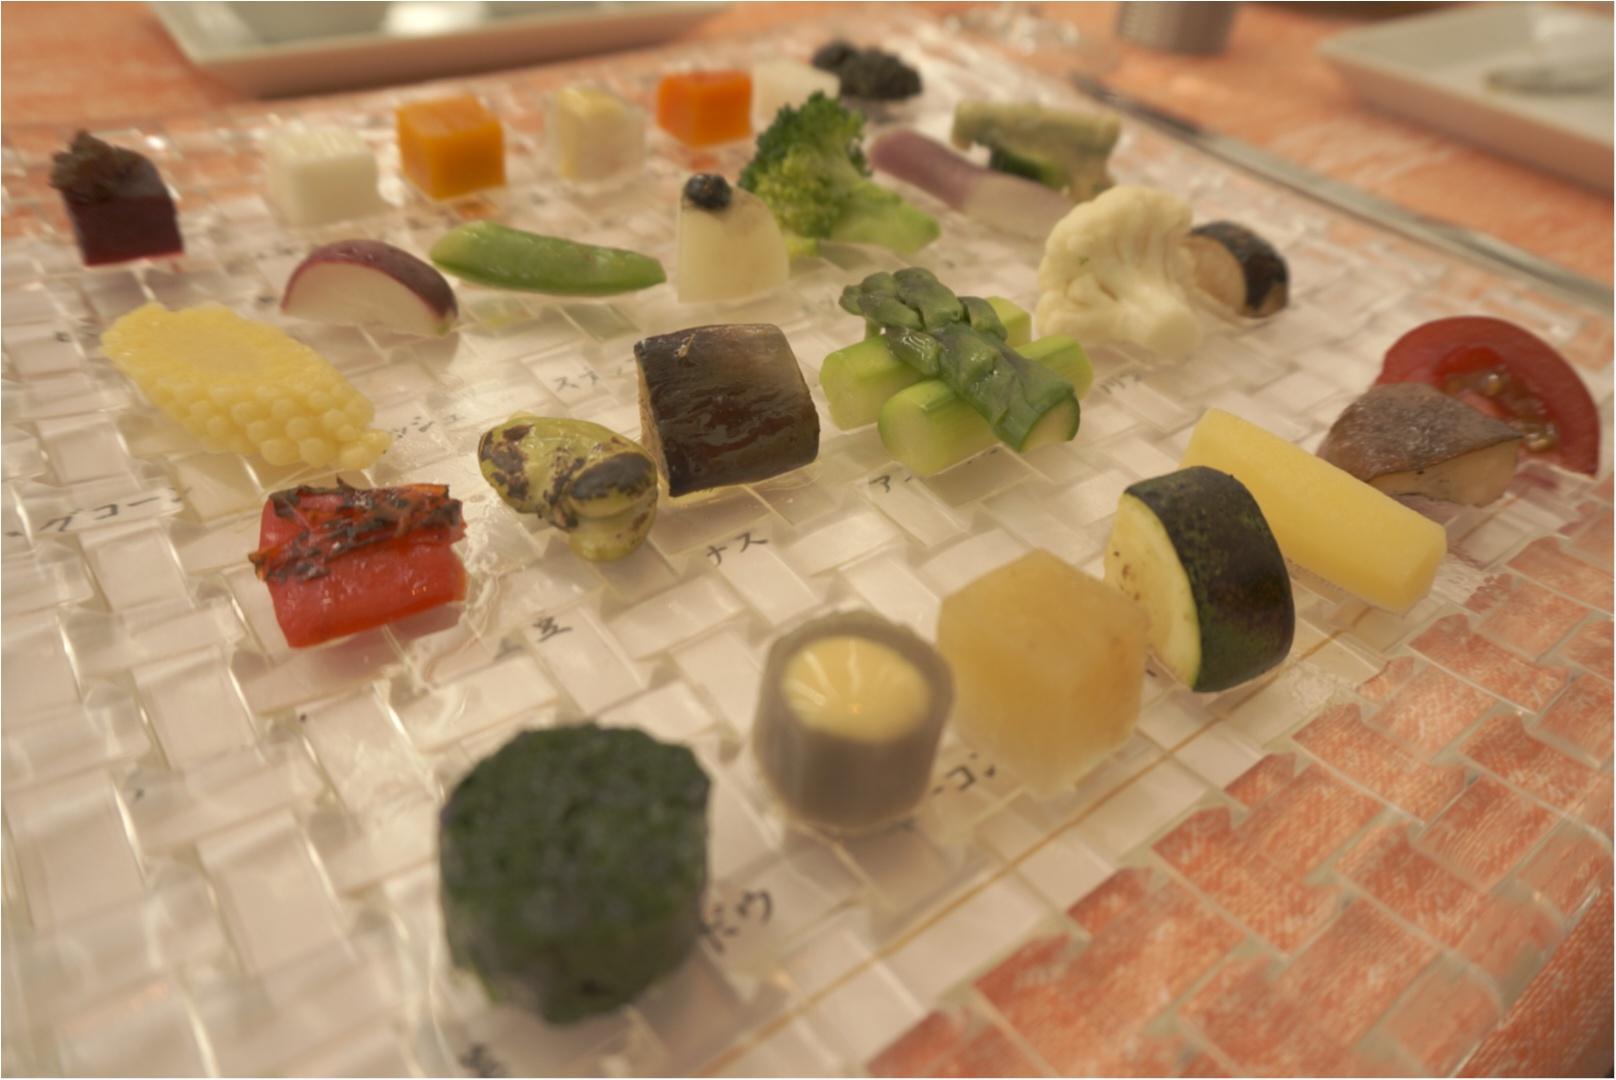 季節の有機野菜28~30種の盛り合わせがすごい‼️GINZA chez tomoの贅沢ランチコース✨_5